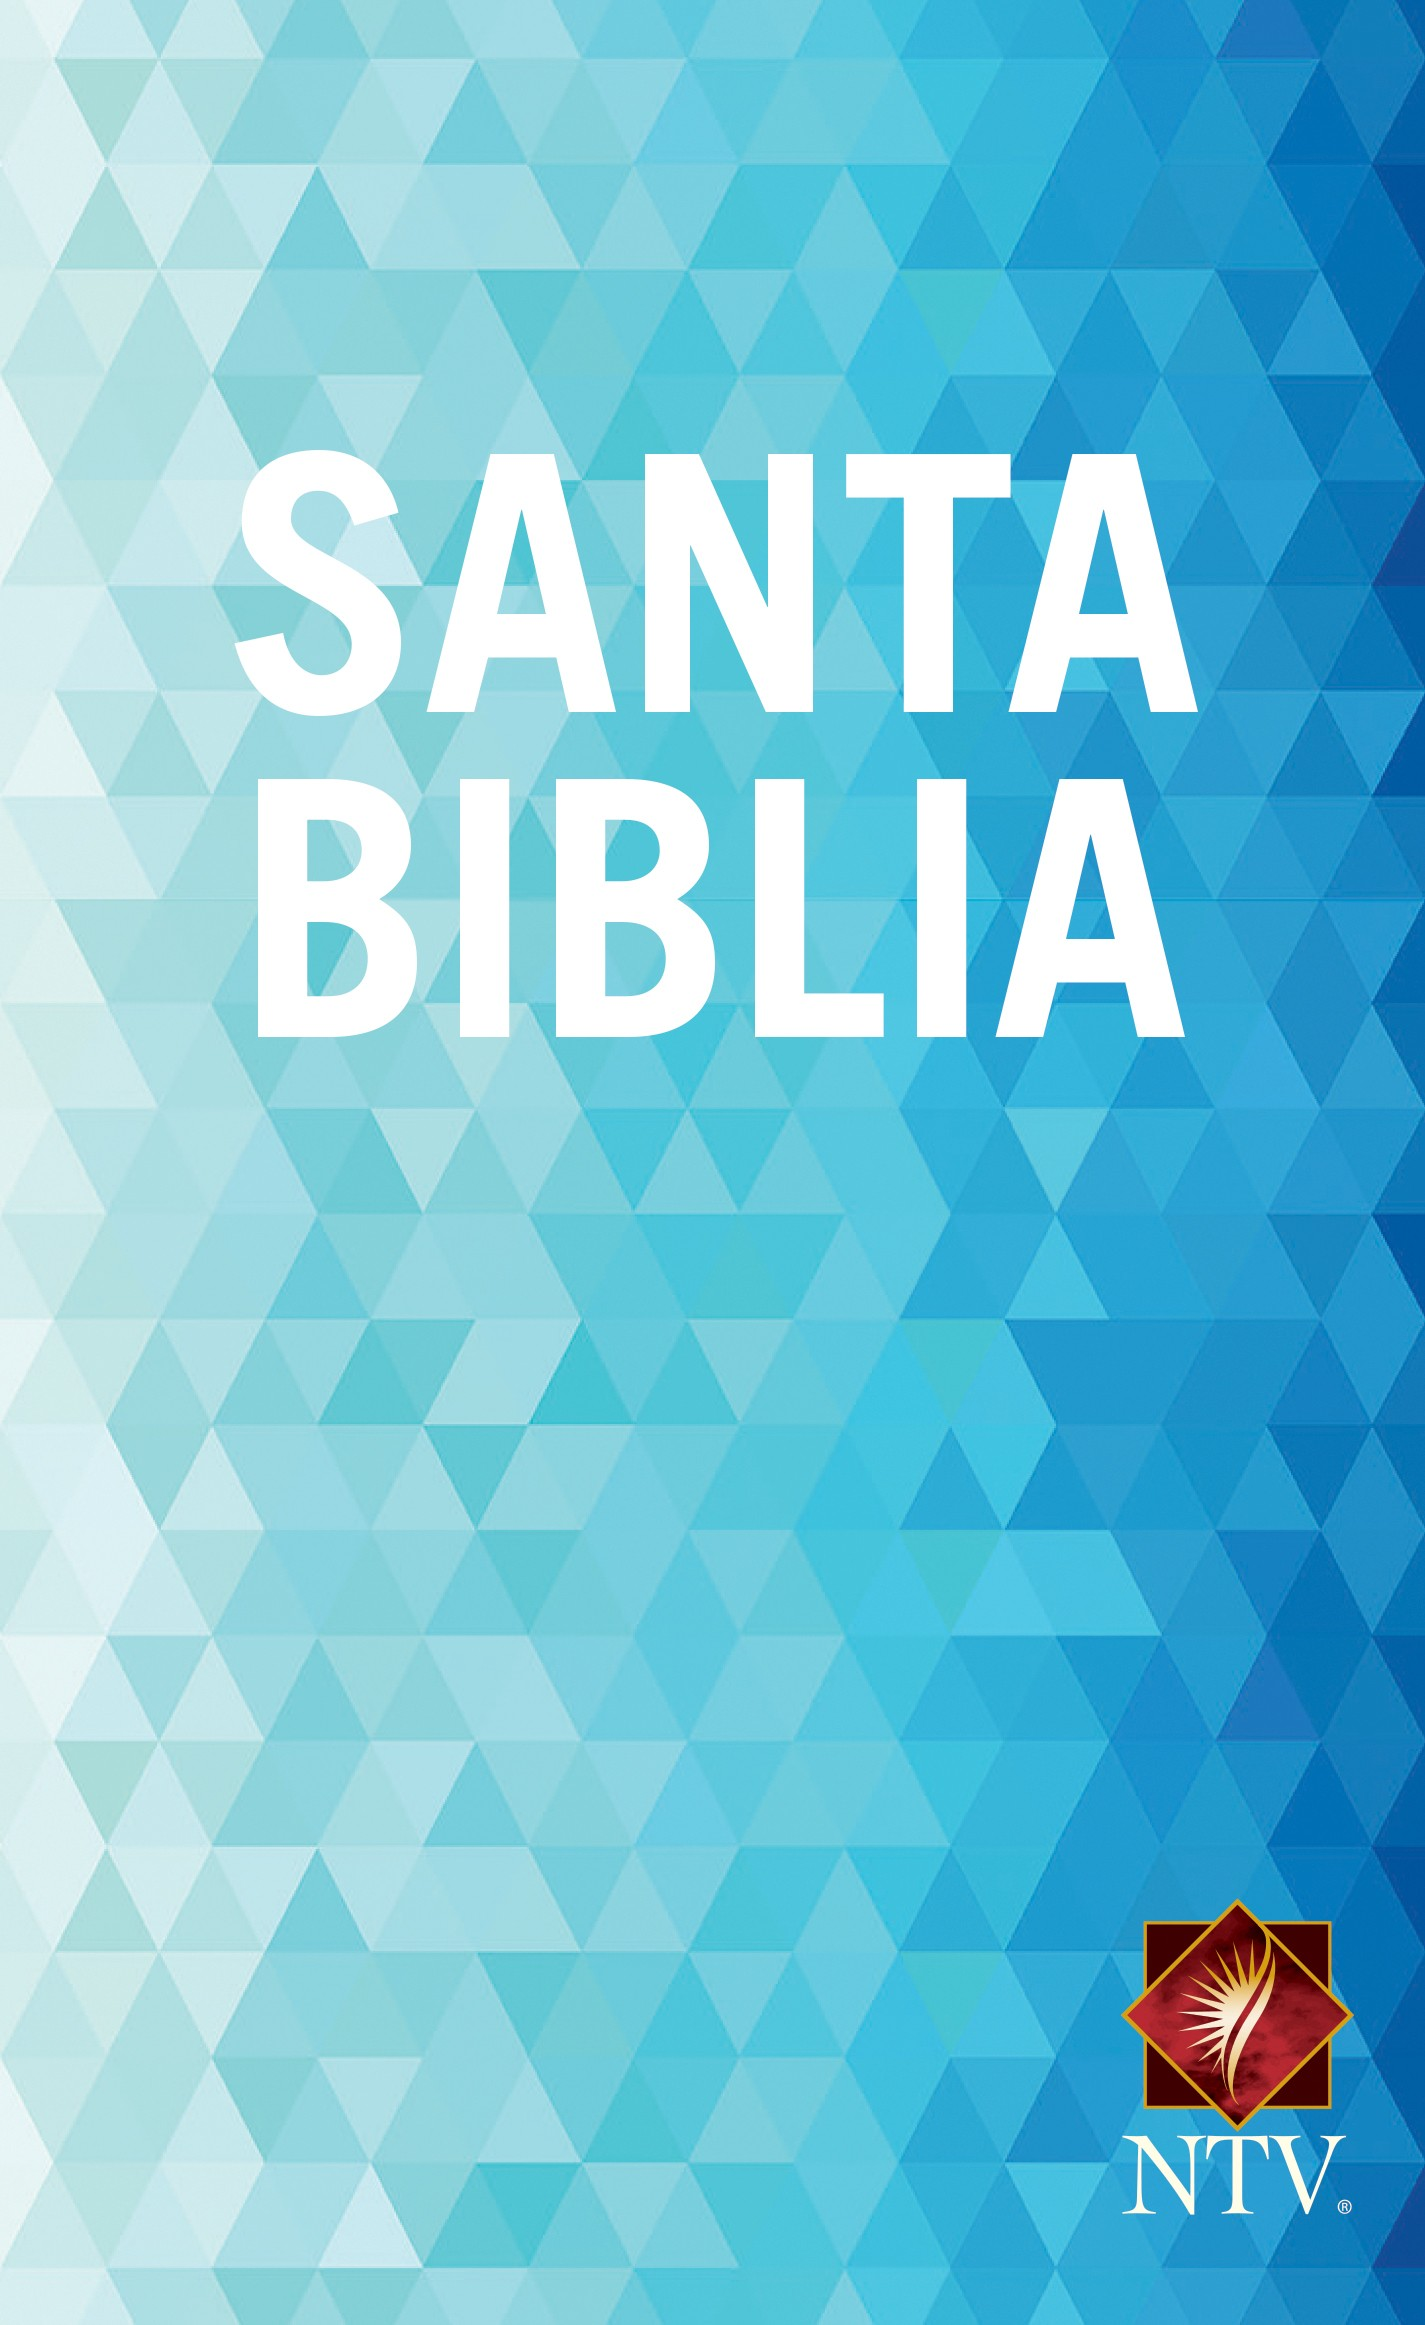 Santa Biblia NTV, Edición semilla, Agua viva (Tapa rústica)